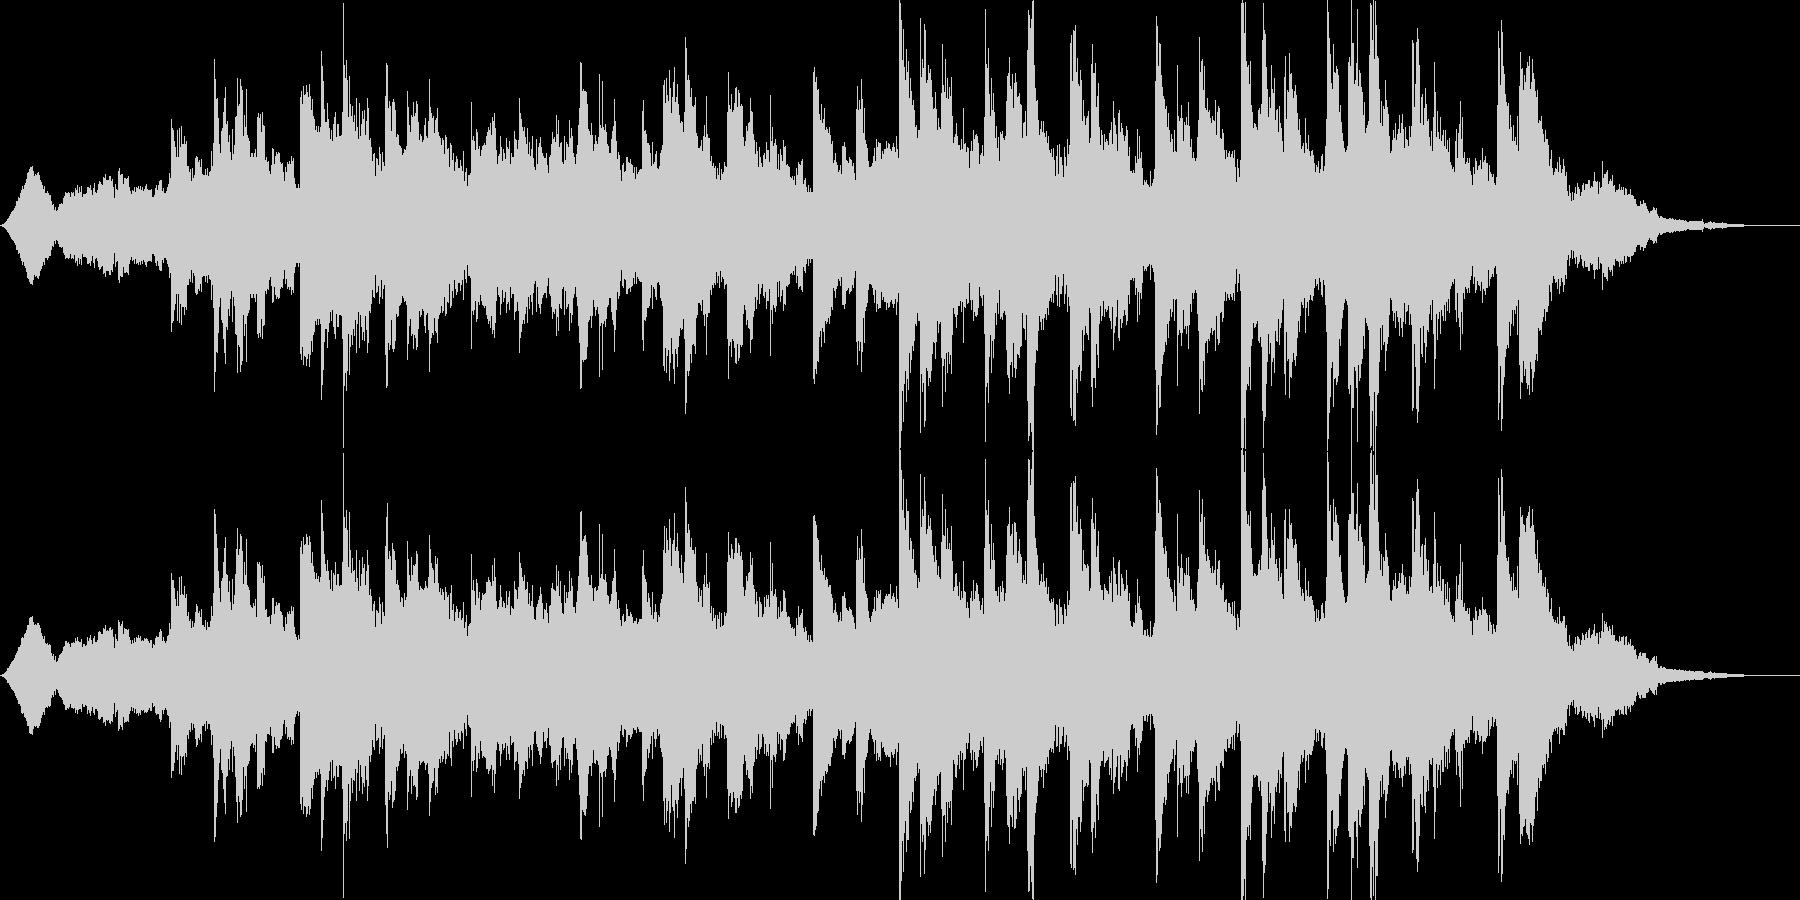 不気味ピアノの不協和音が印象的の未再生の波形